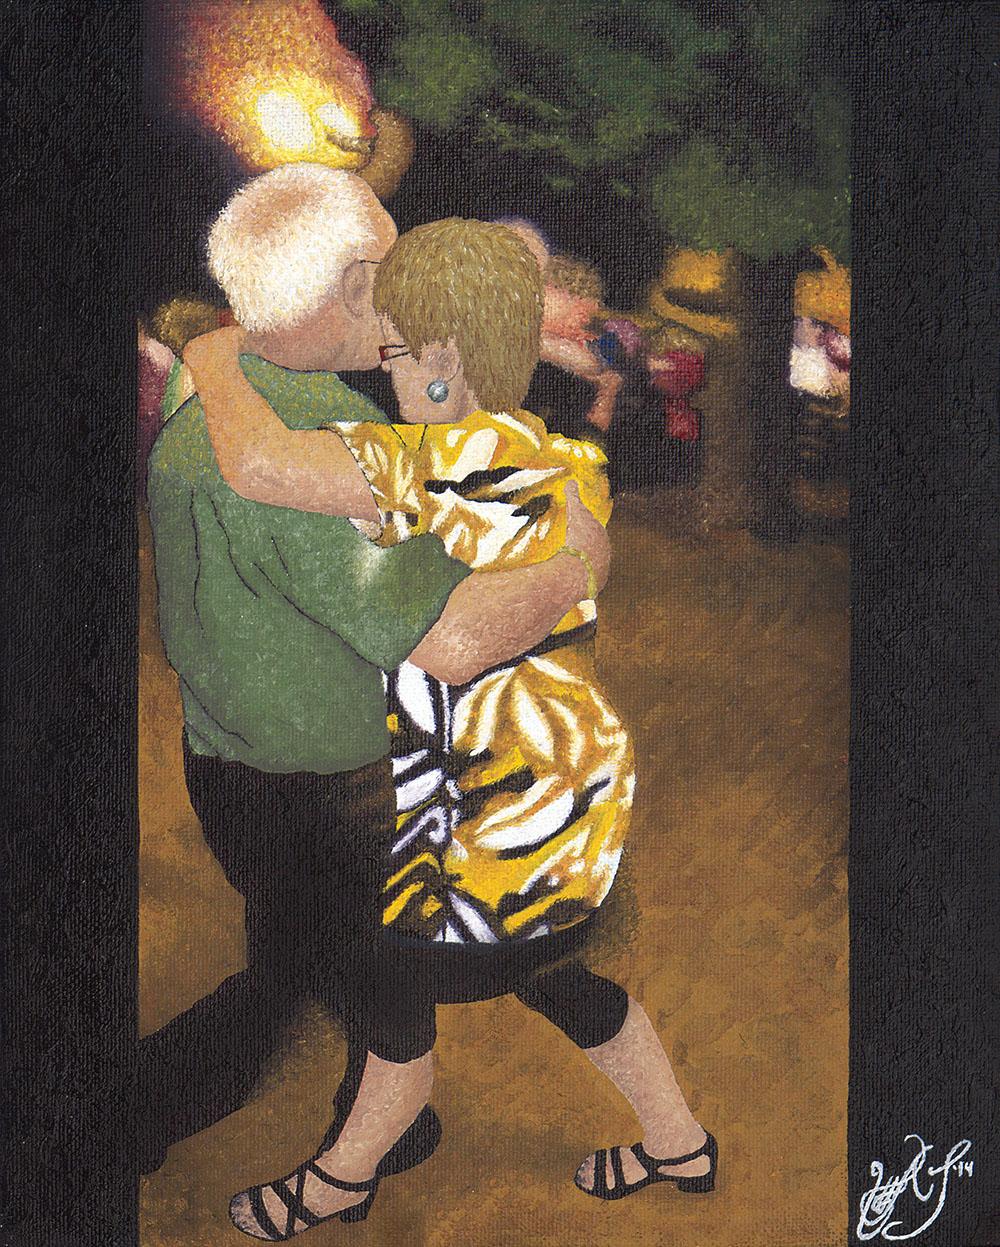 Jorgen et Kristen dansent a La Place